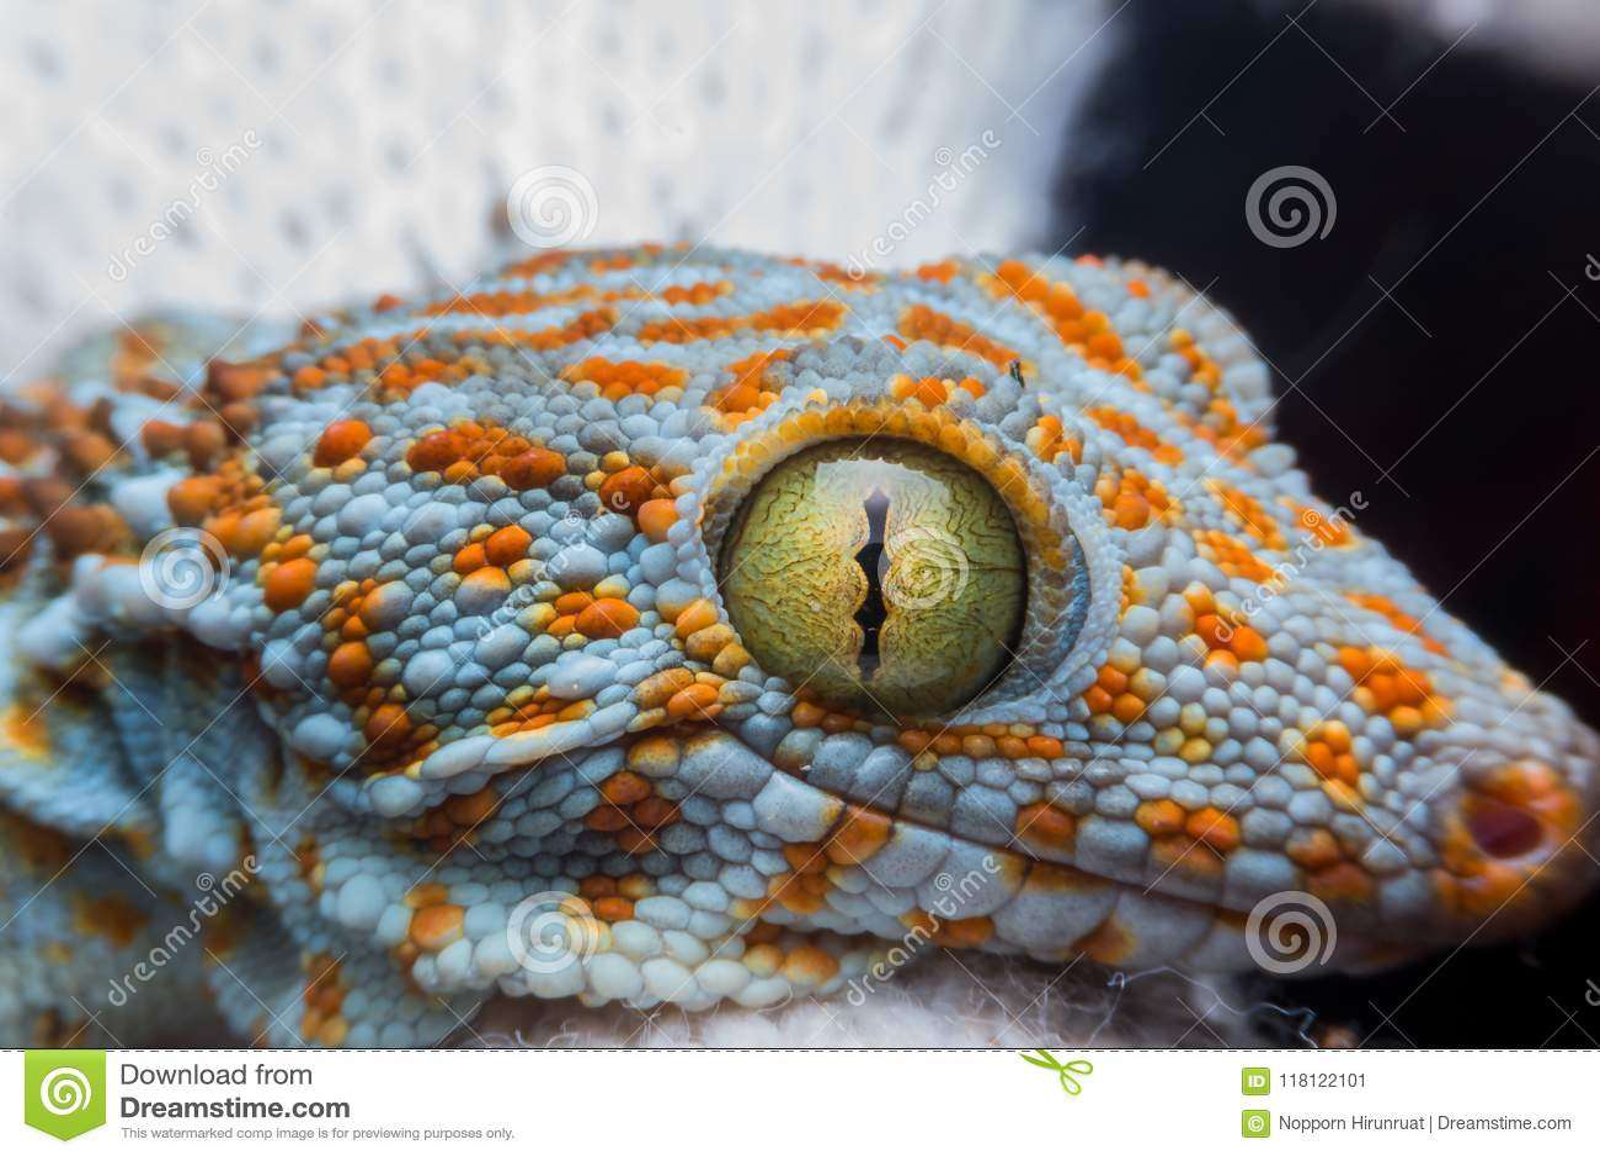 Oko gekon